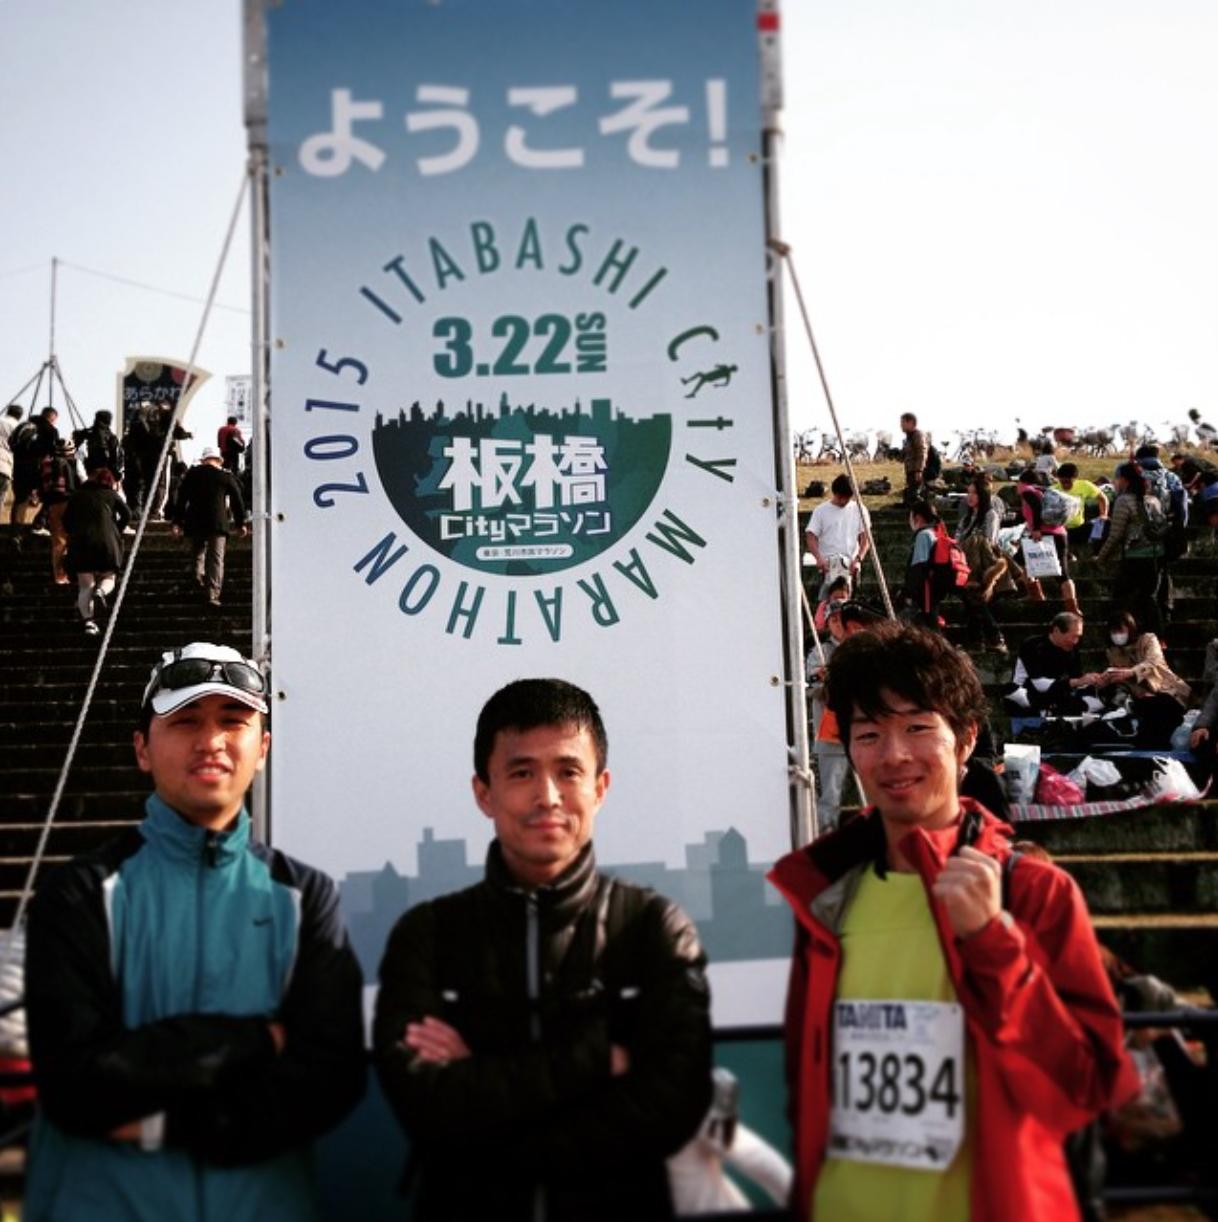 2回目のフルマラソン完走より、宣言のタネはあらゆるところで芽を出す【板橋Cityマラソン】